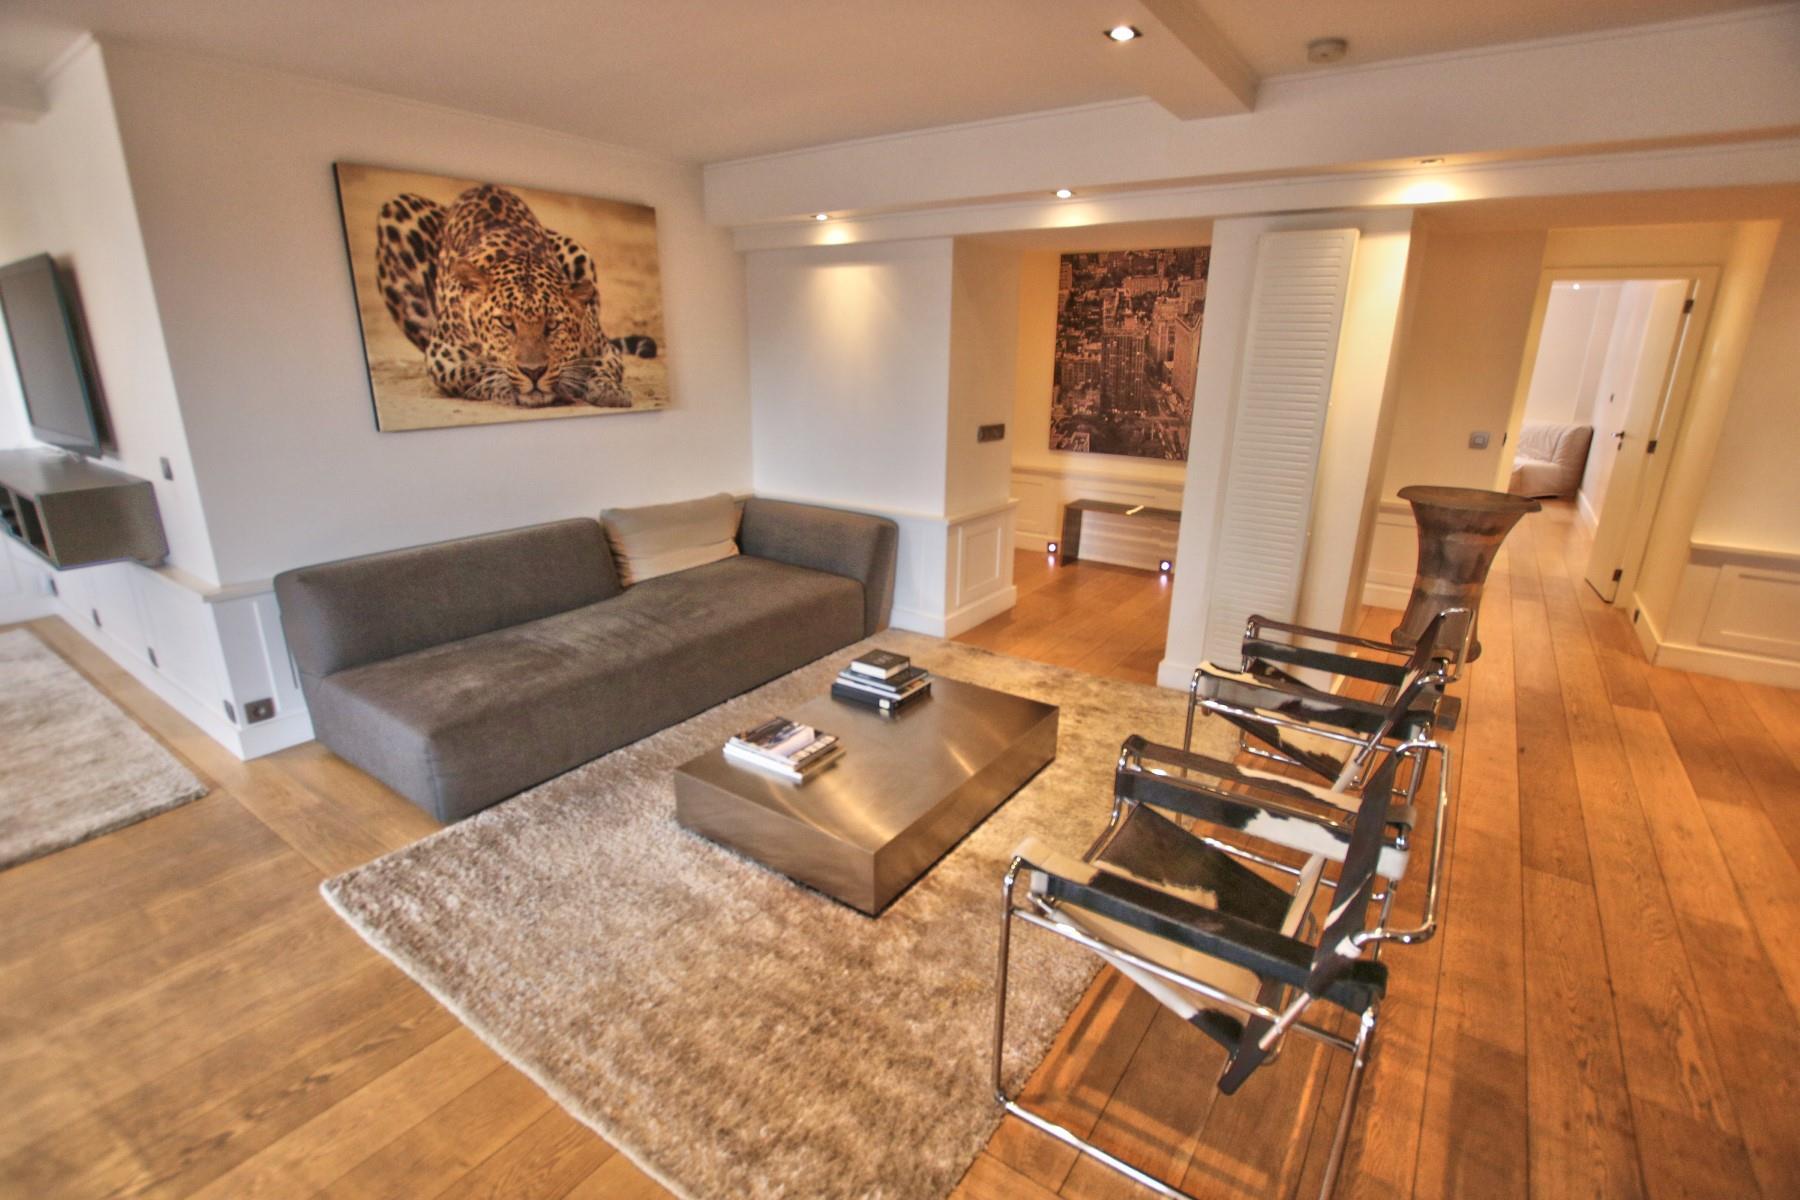 Appartement exceptionnel - Ixelles - #4030098-4